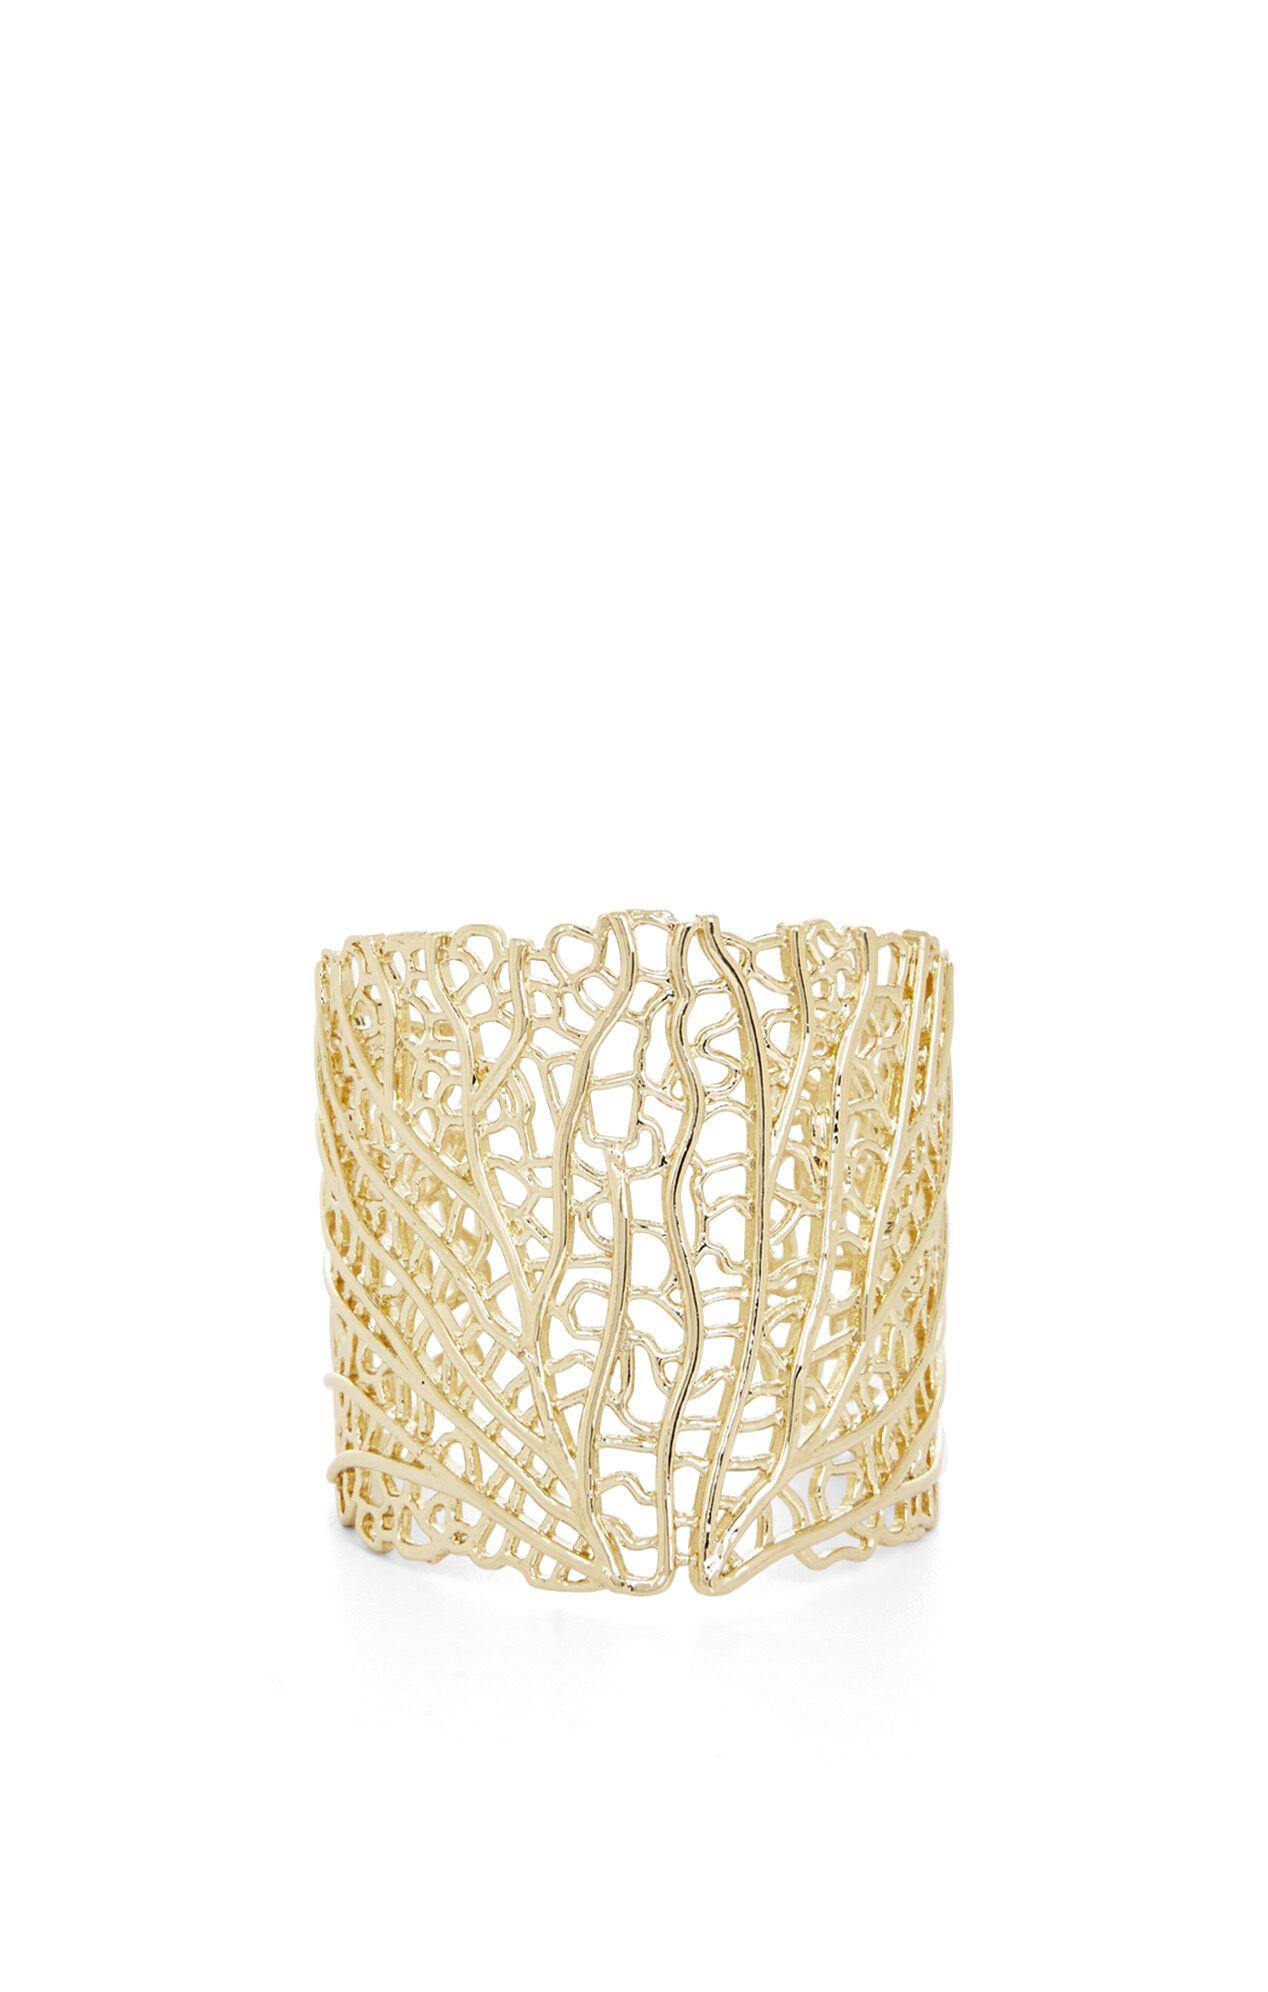 Coral Filigree Cuff